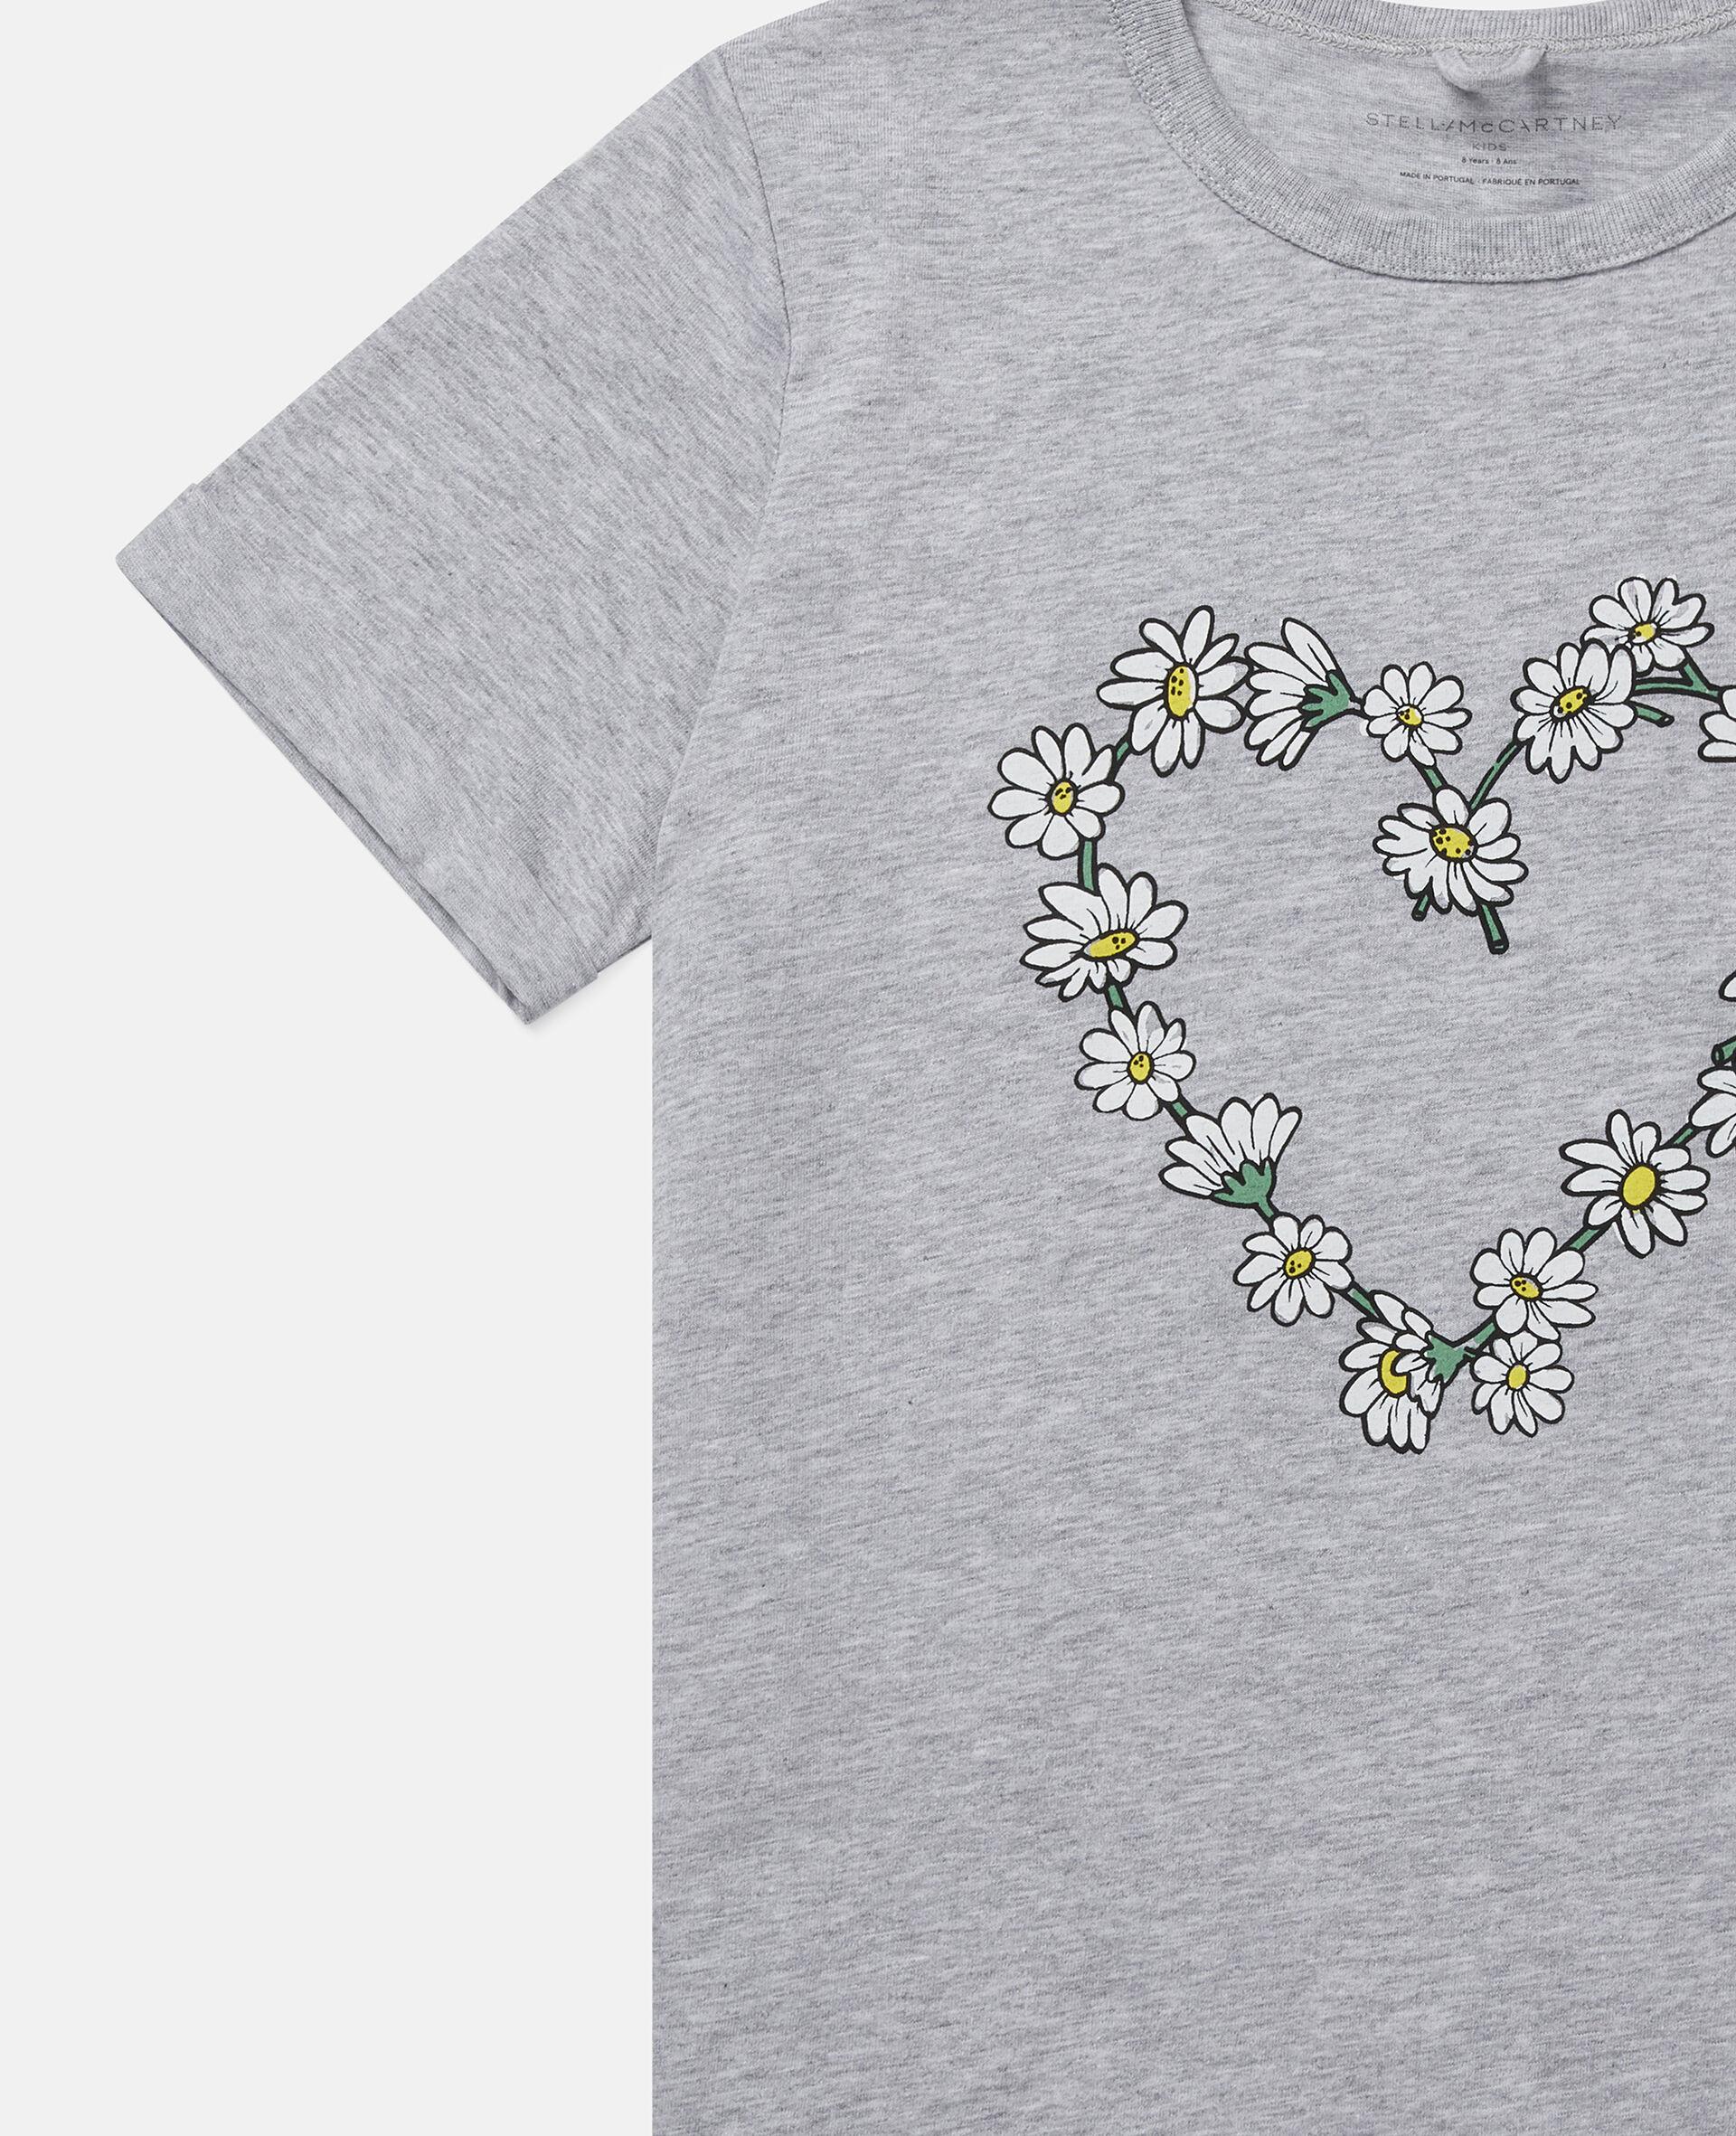 Baumwoll-T-Shirt mit Gänseblümchenherz-Grau-large image number 2